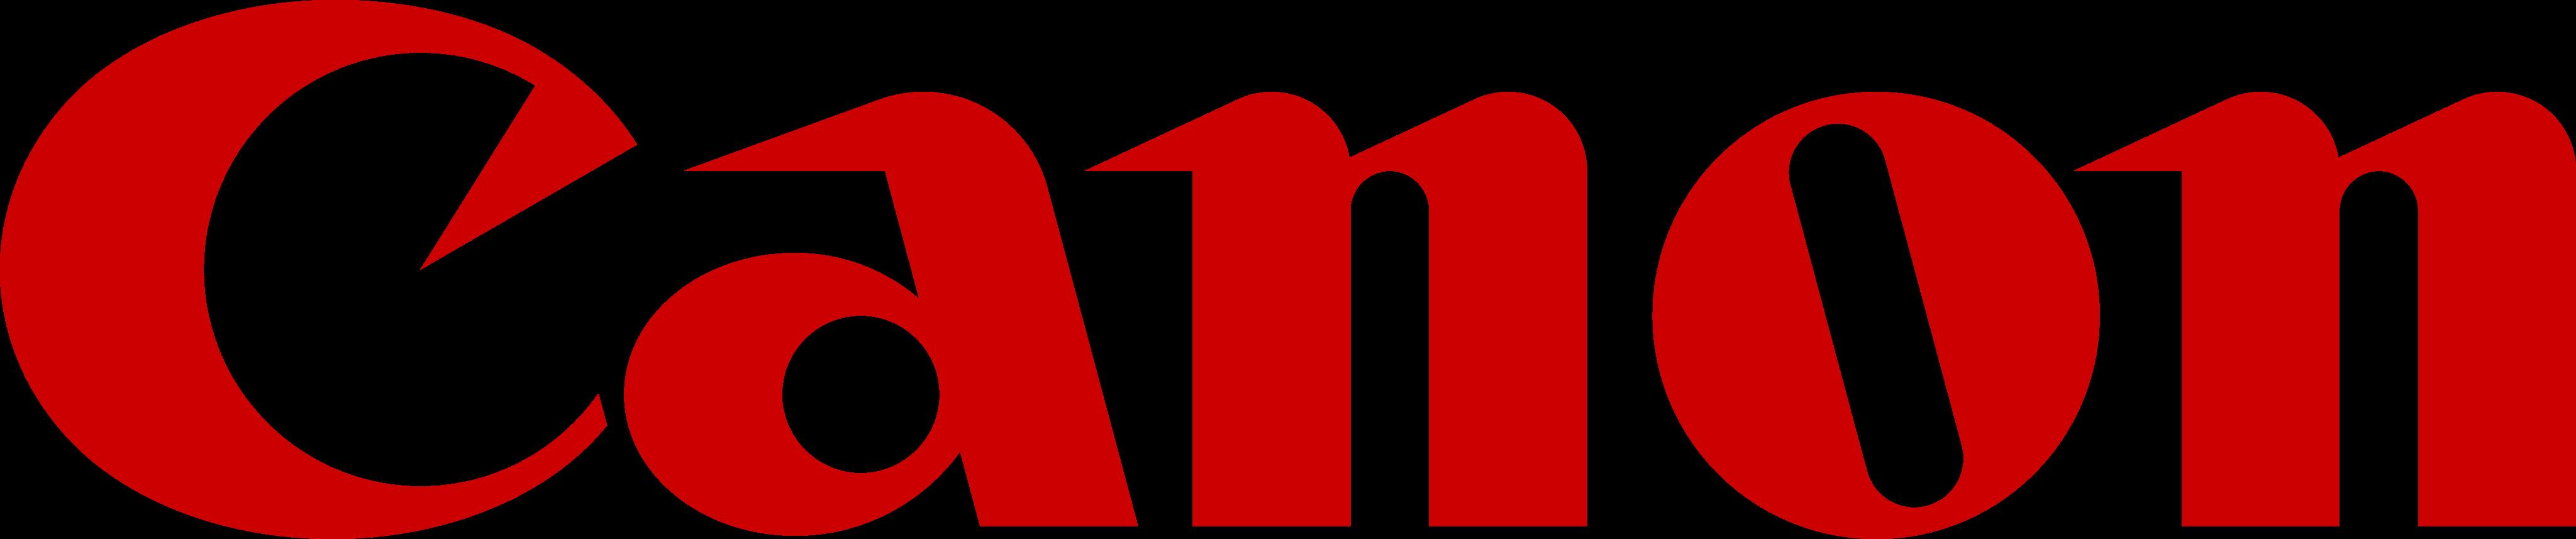 canon-logo-6